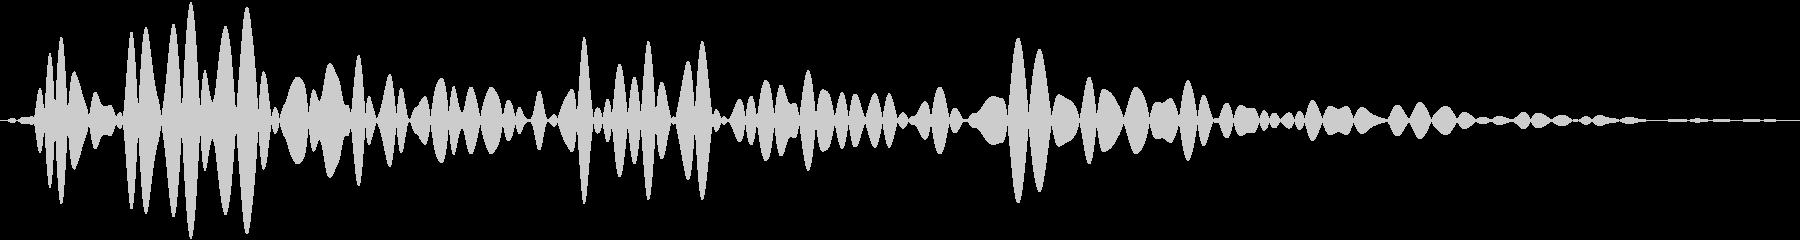 小規模爆発またはモルタル爆風:低周...の未再生の波形